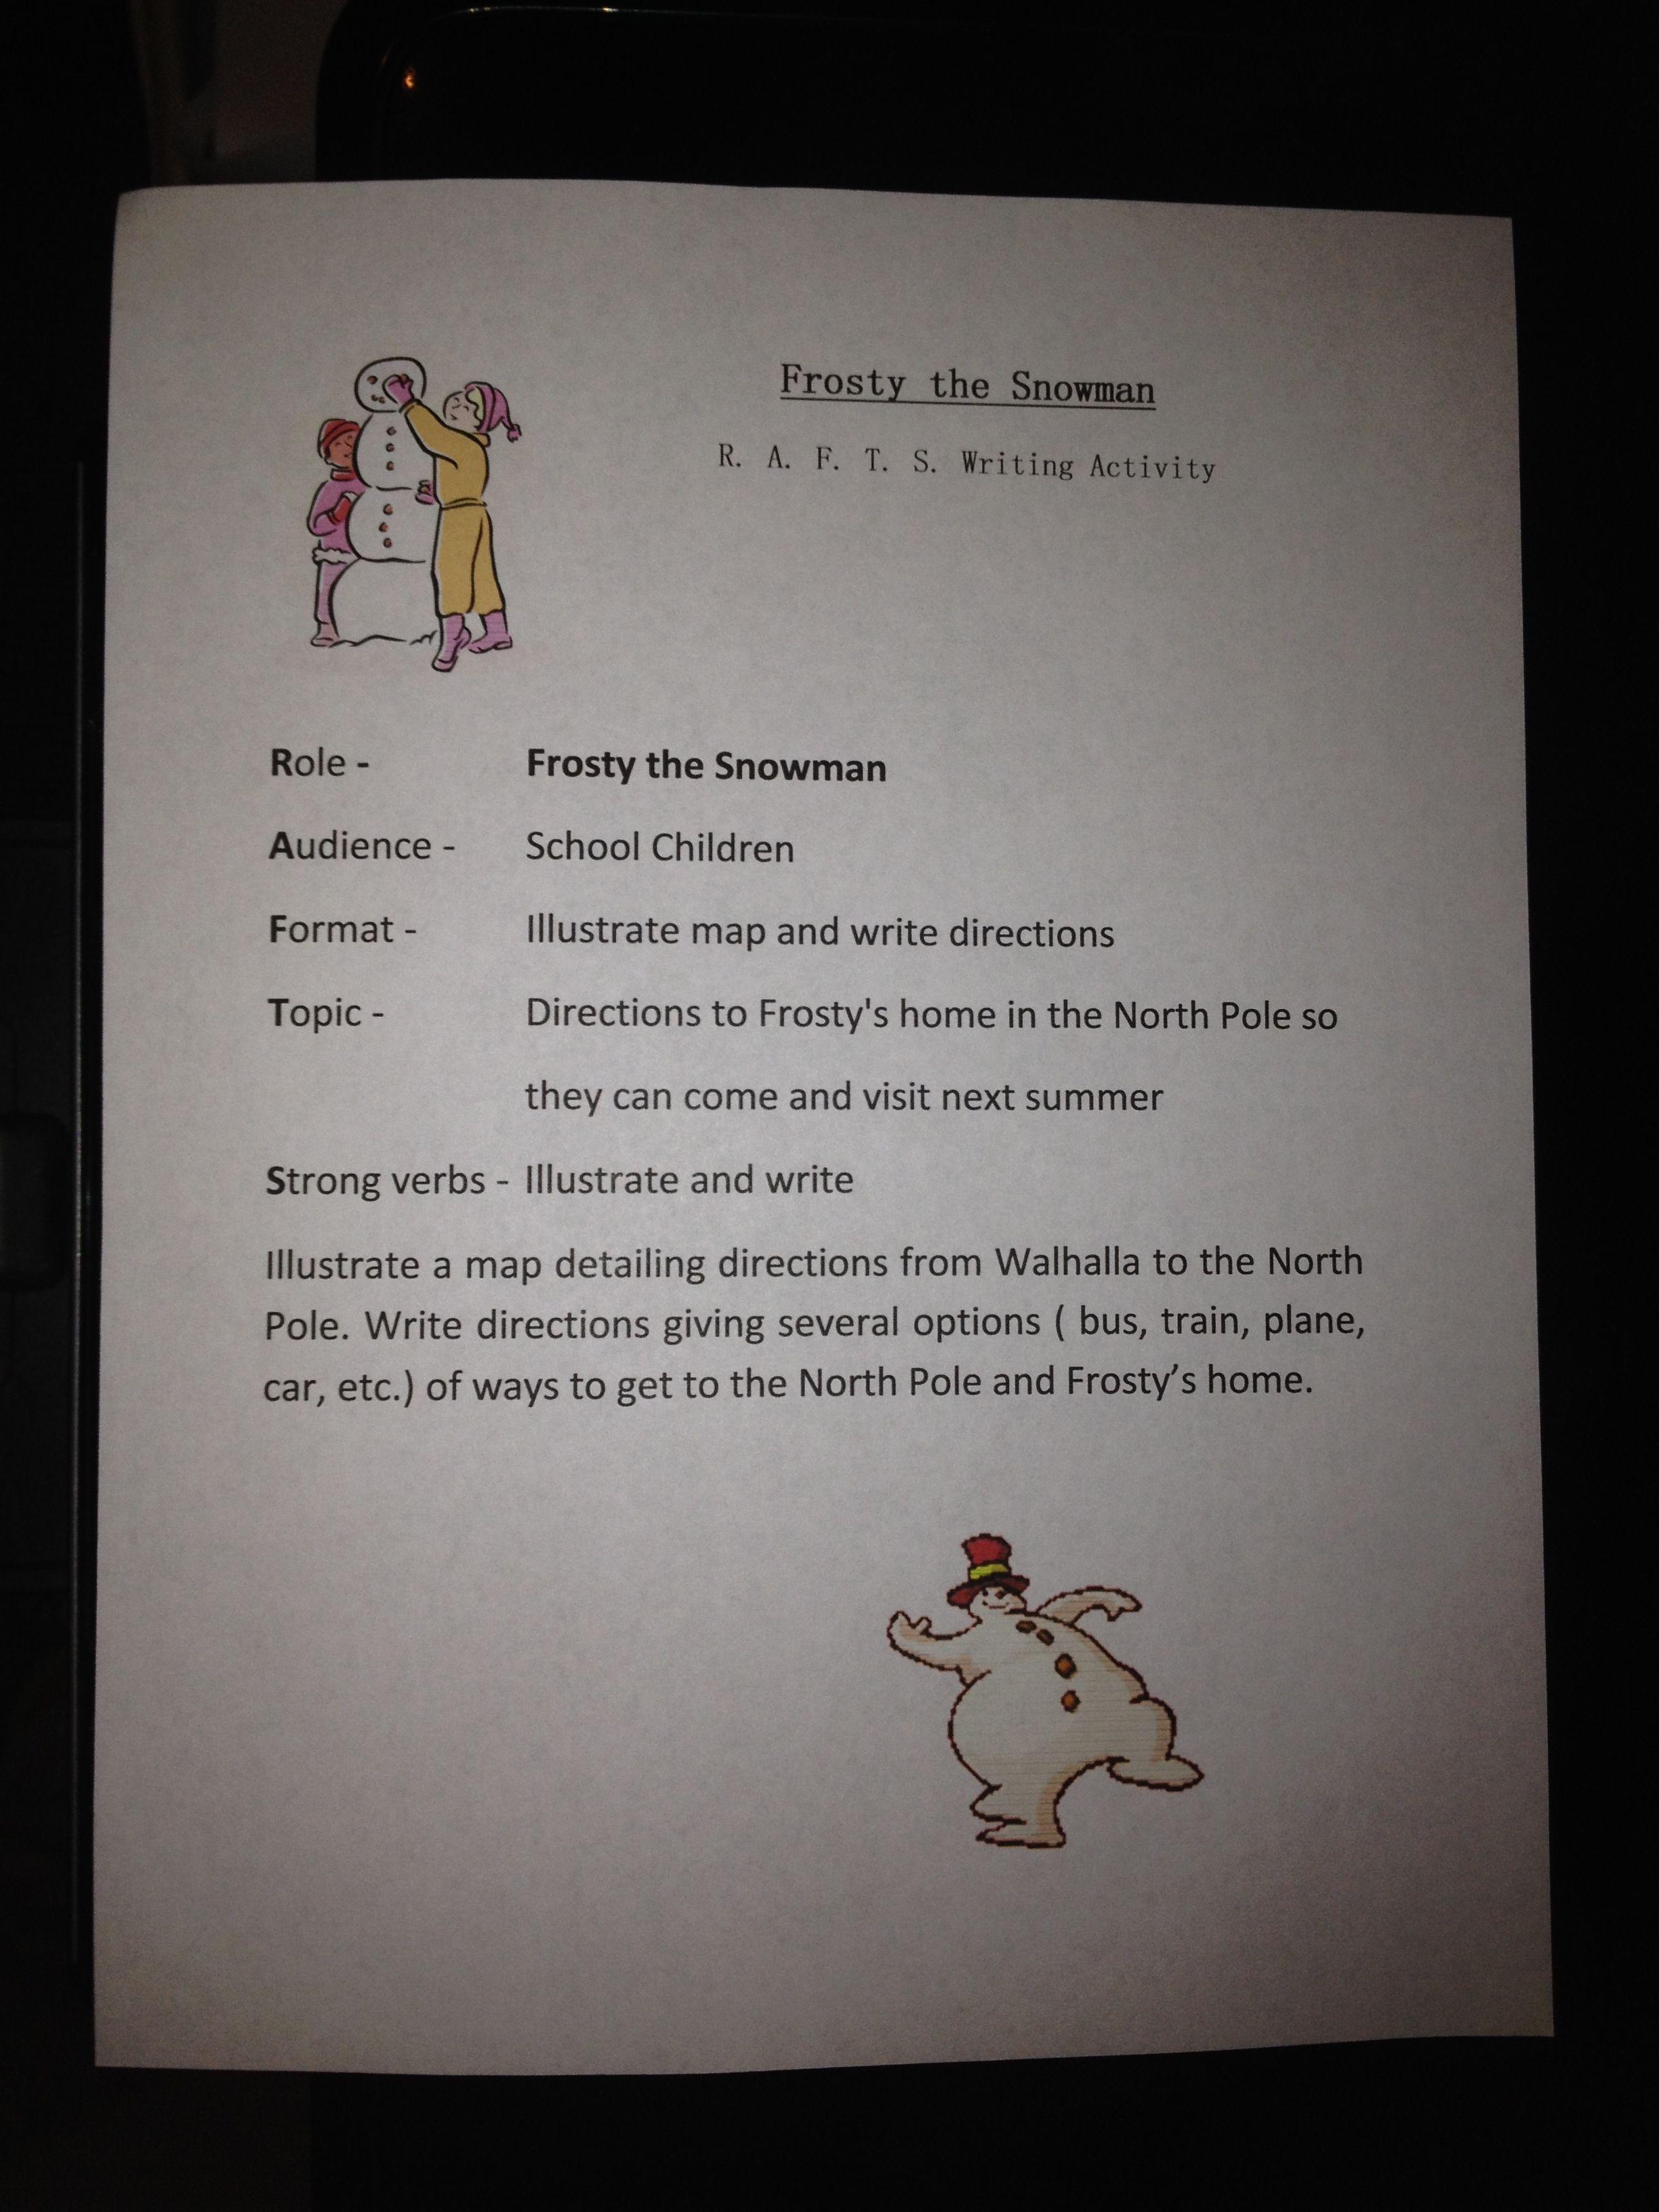 Esol Middle School Holiday Writing Idea Frosty R A F T S Writing Activities Holiday Writing Middle School Esl [ 3264 x 2448 Pixel ]